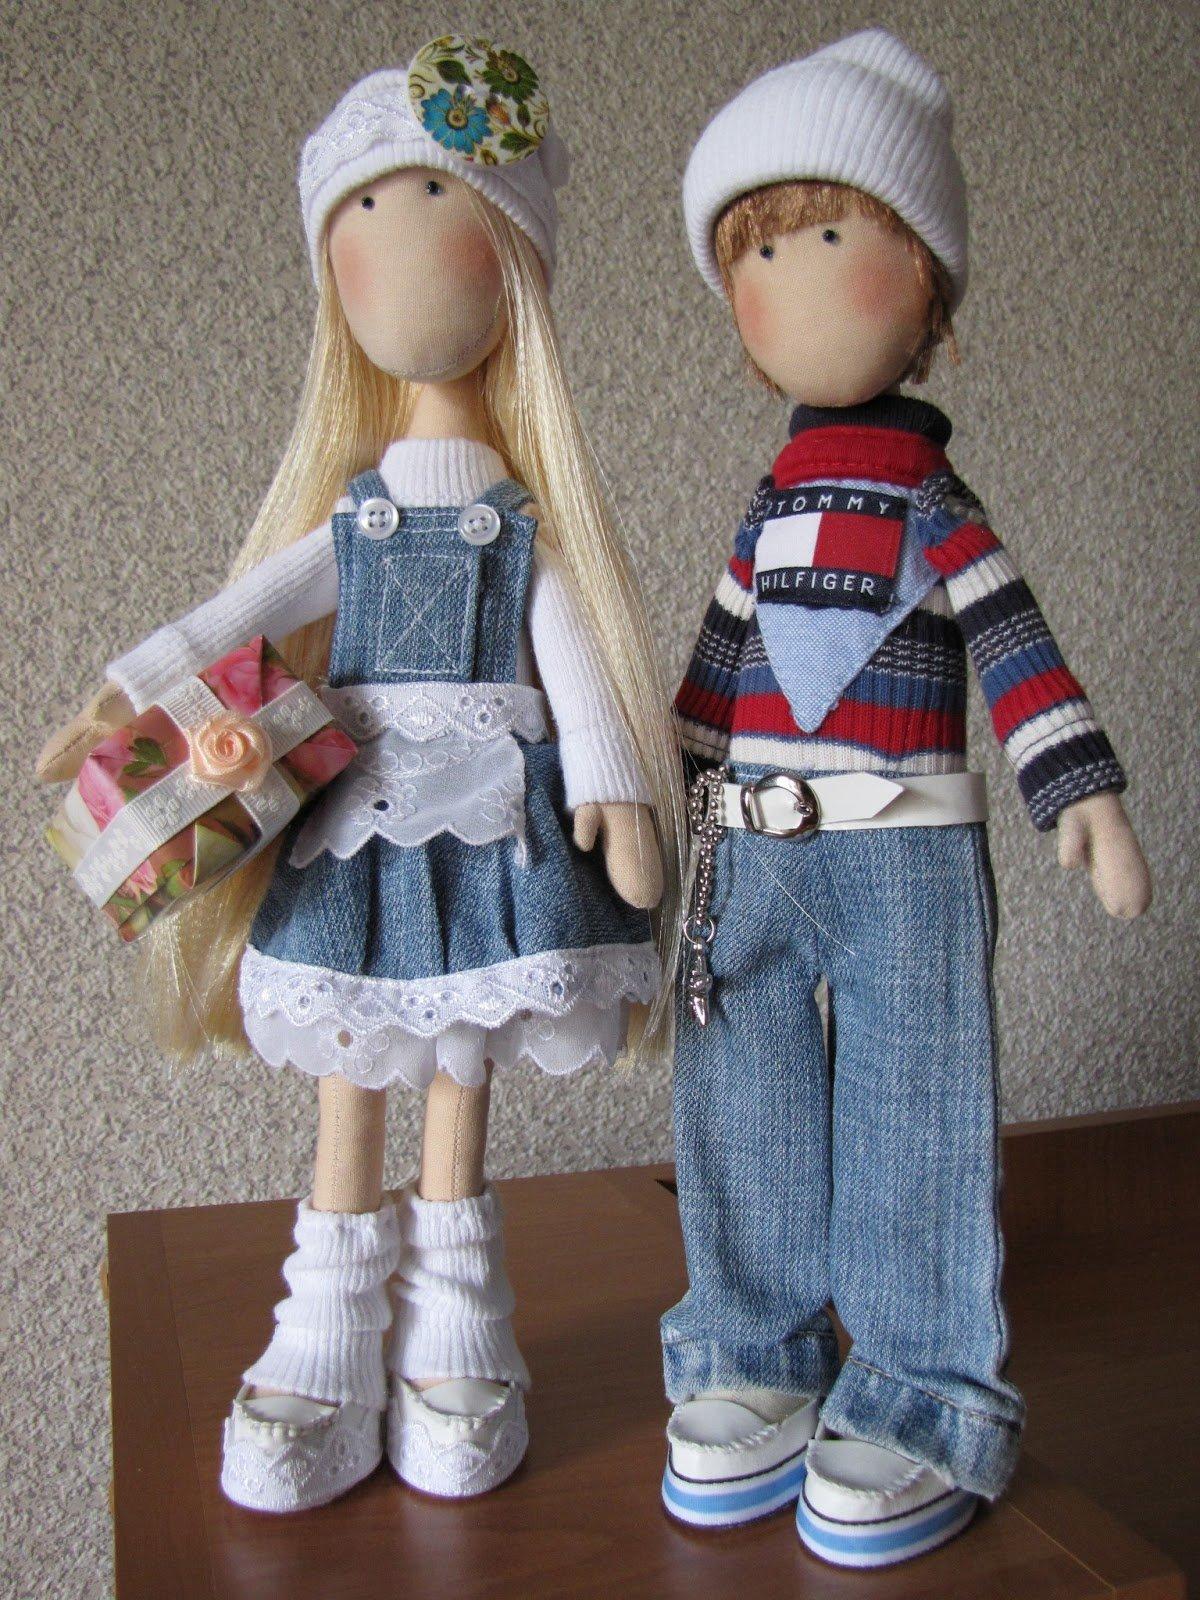 Как сделать куклу мальчика своими руками из куклы